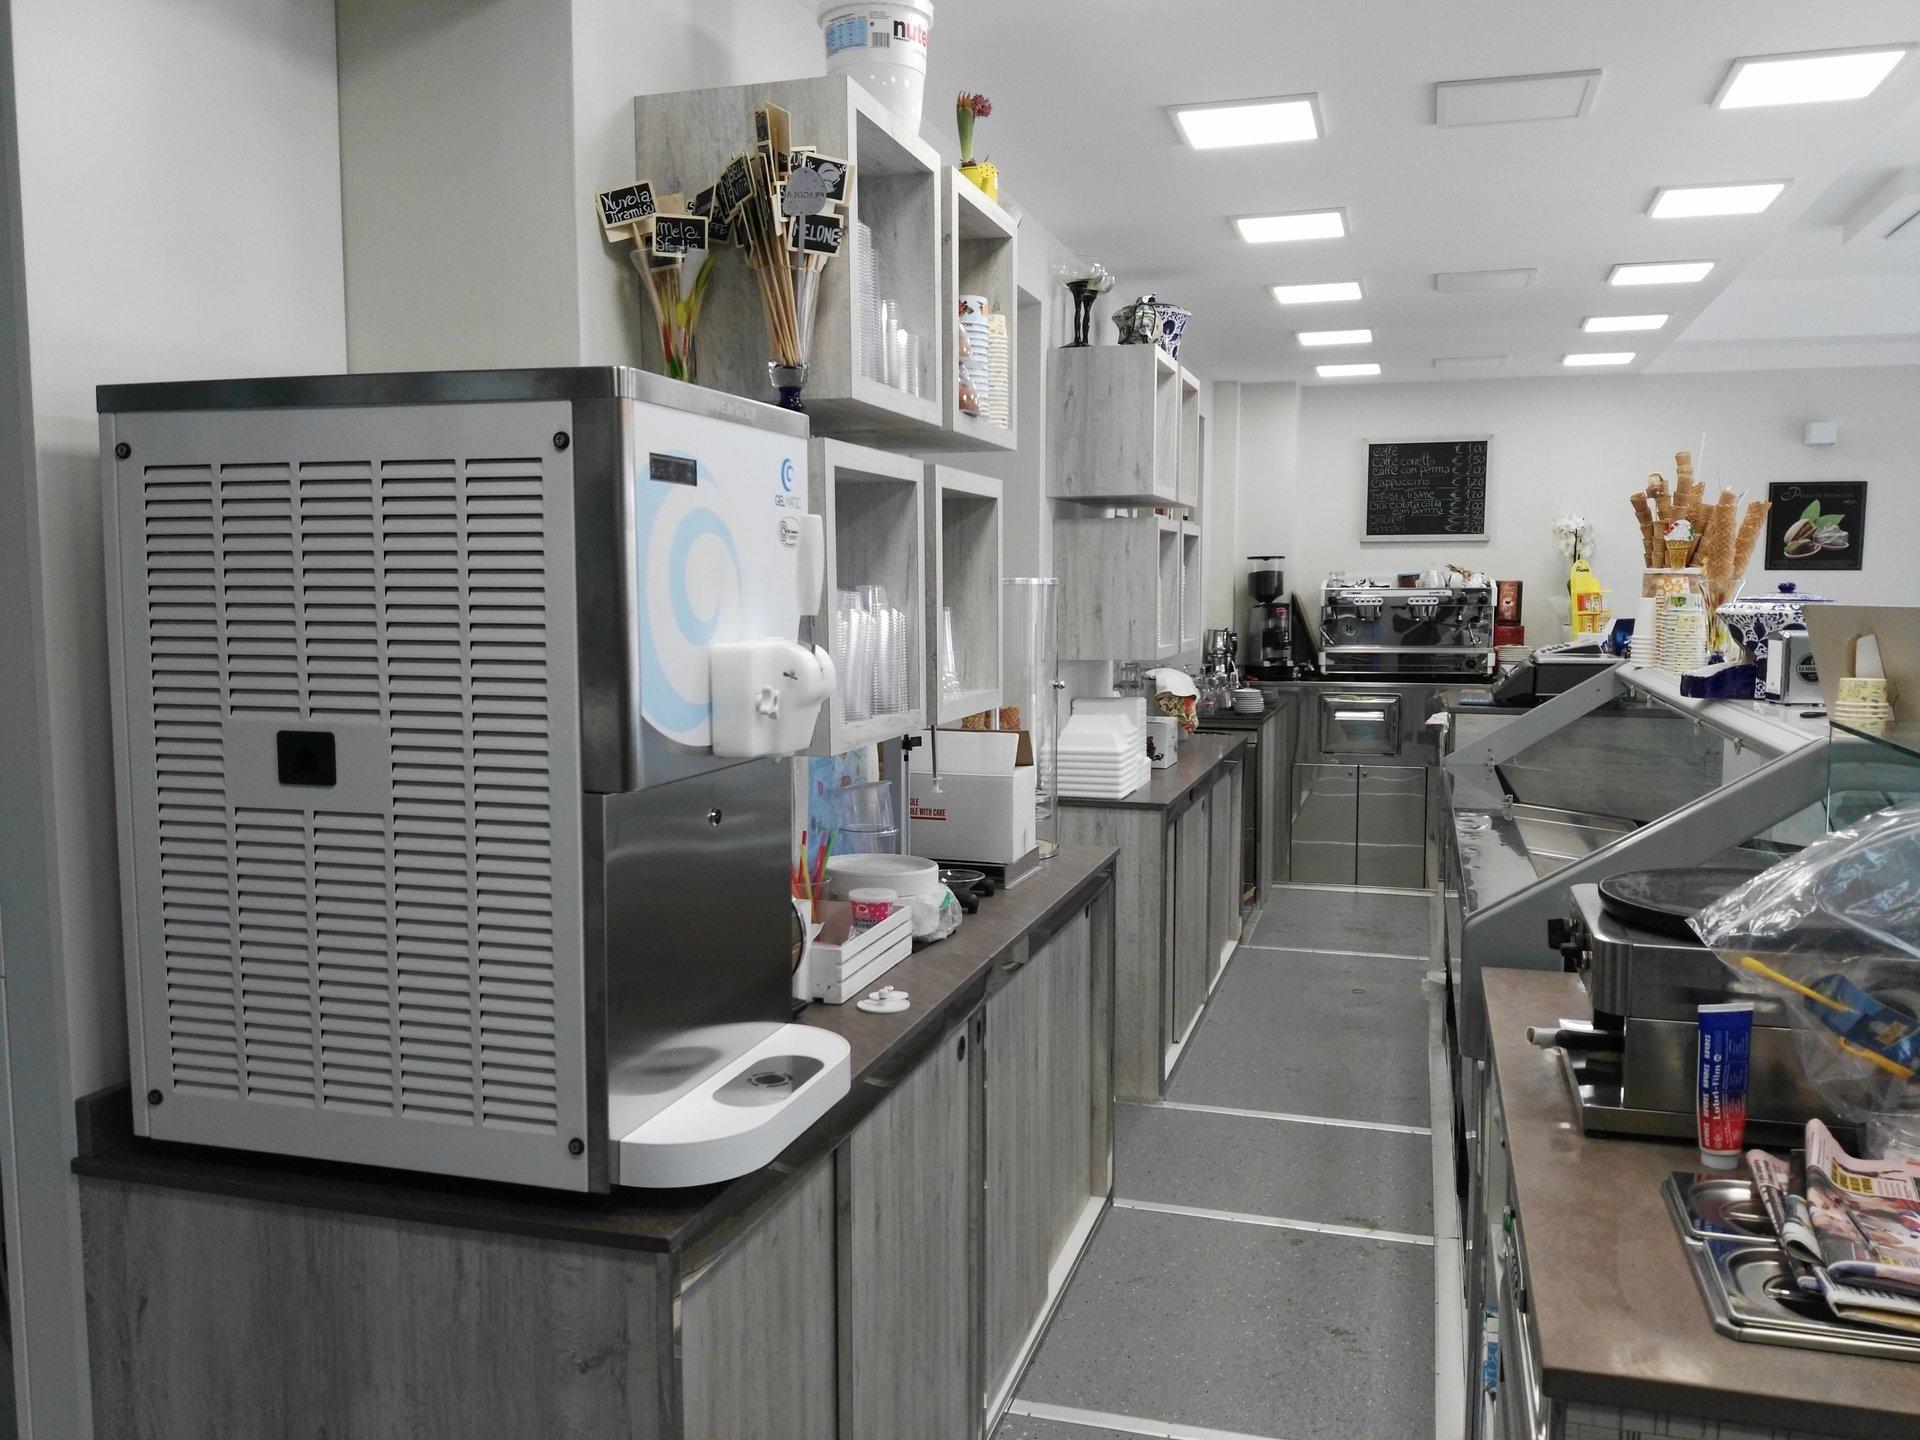 Vista in prospettiva di una cucina di gelateria